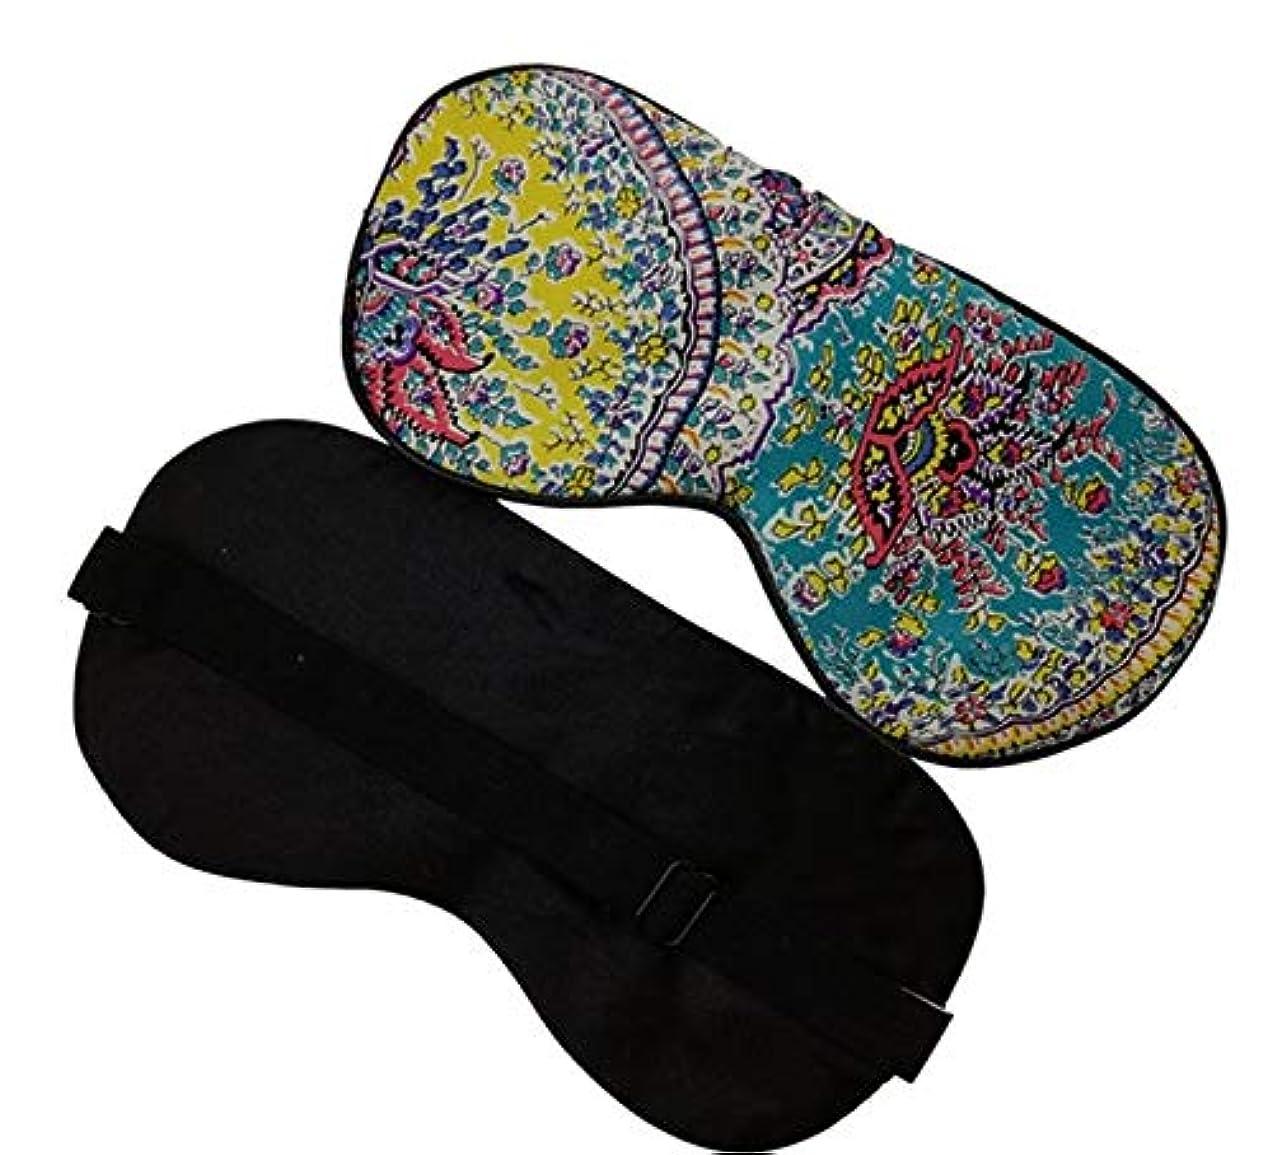 渦ちらつき旅NOTE 100%純粋なシルクの睡眠の目のマスク花柄両側アイシェードアイカバーソフト目隠し旅行リラックス補助調整可能な小型